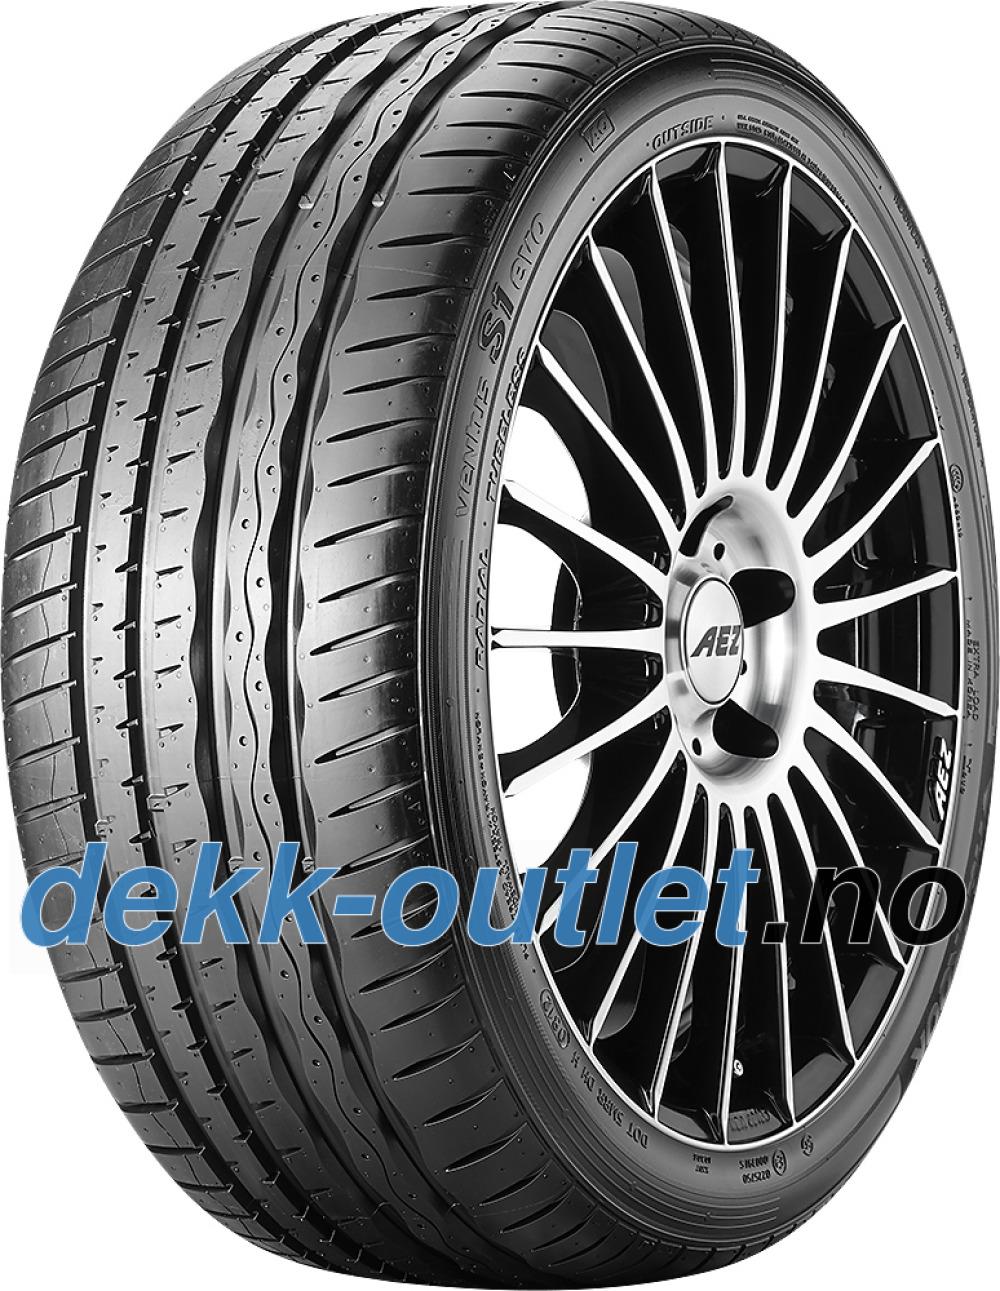 Hankook Ventus S1 Evo K107 ( 285/35 ZR18 101Y XL med felgbeskyttelse (MFS) SBL )